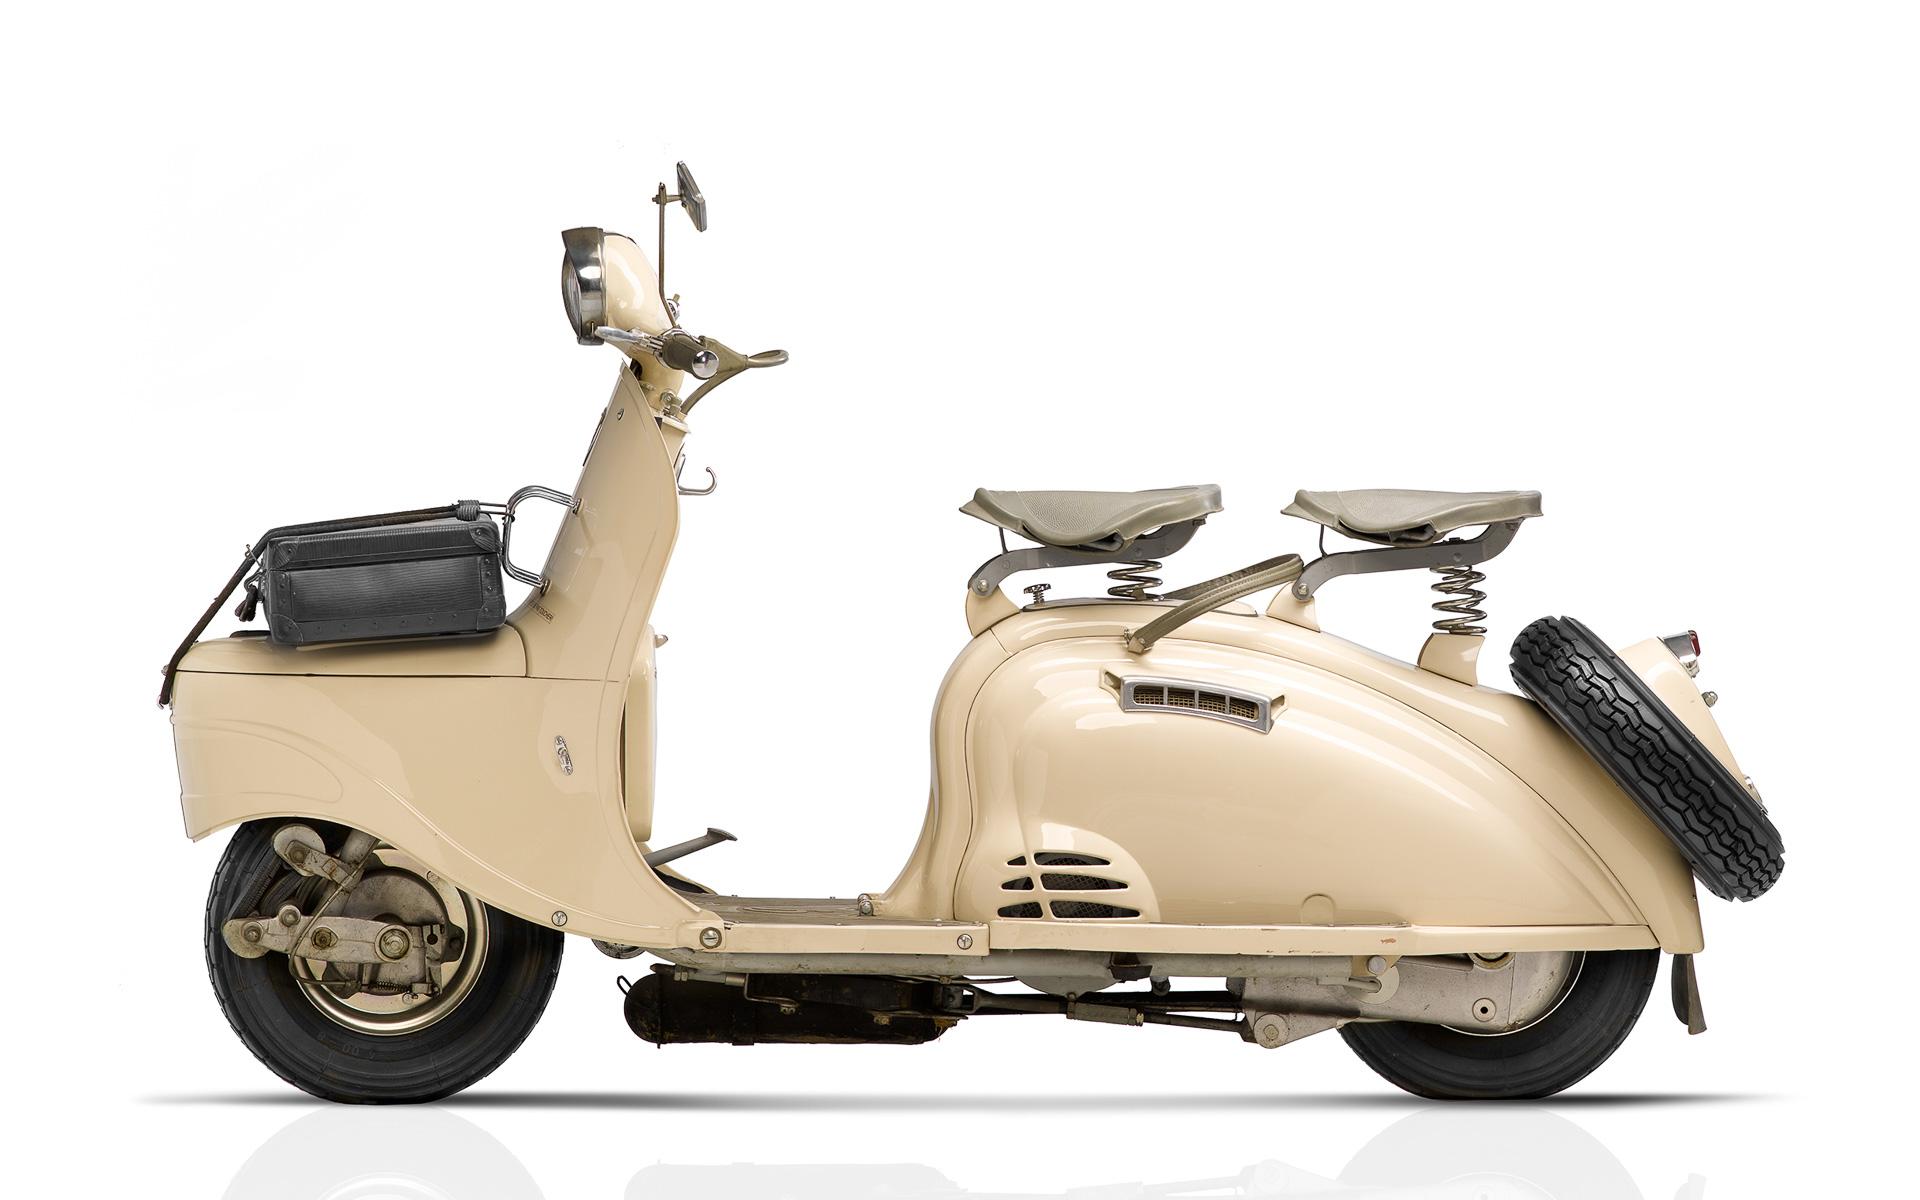 1953年に発売されたプジョー最初のスクーター「S55」